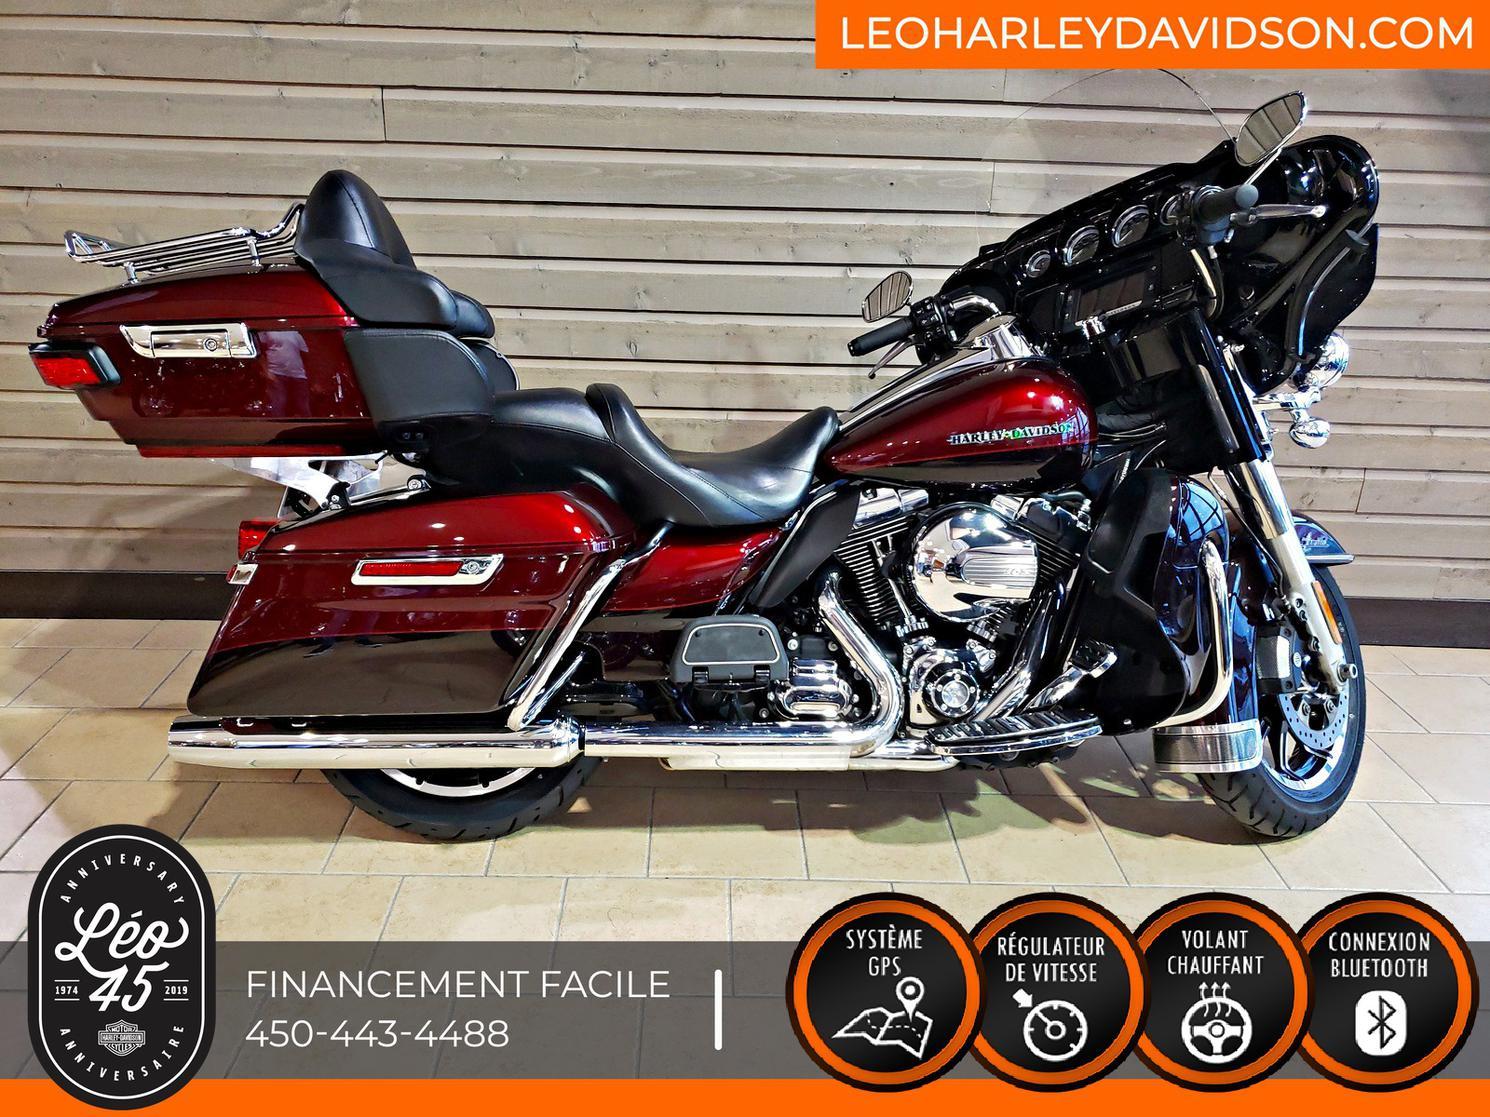 2015 Harley-Davidson FL-Electra Gilde Ultra Limited FLHTK